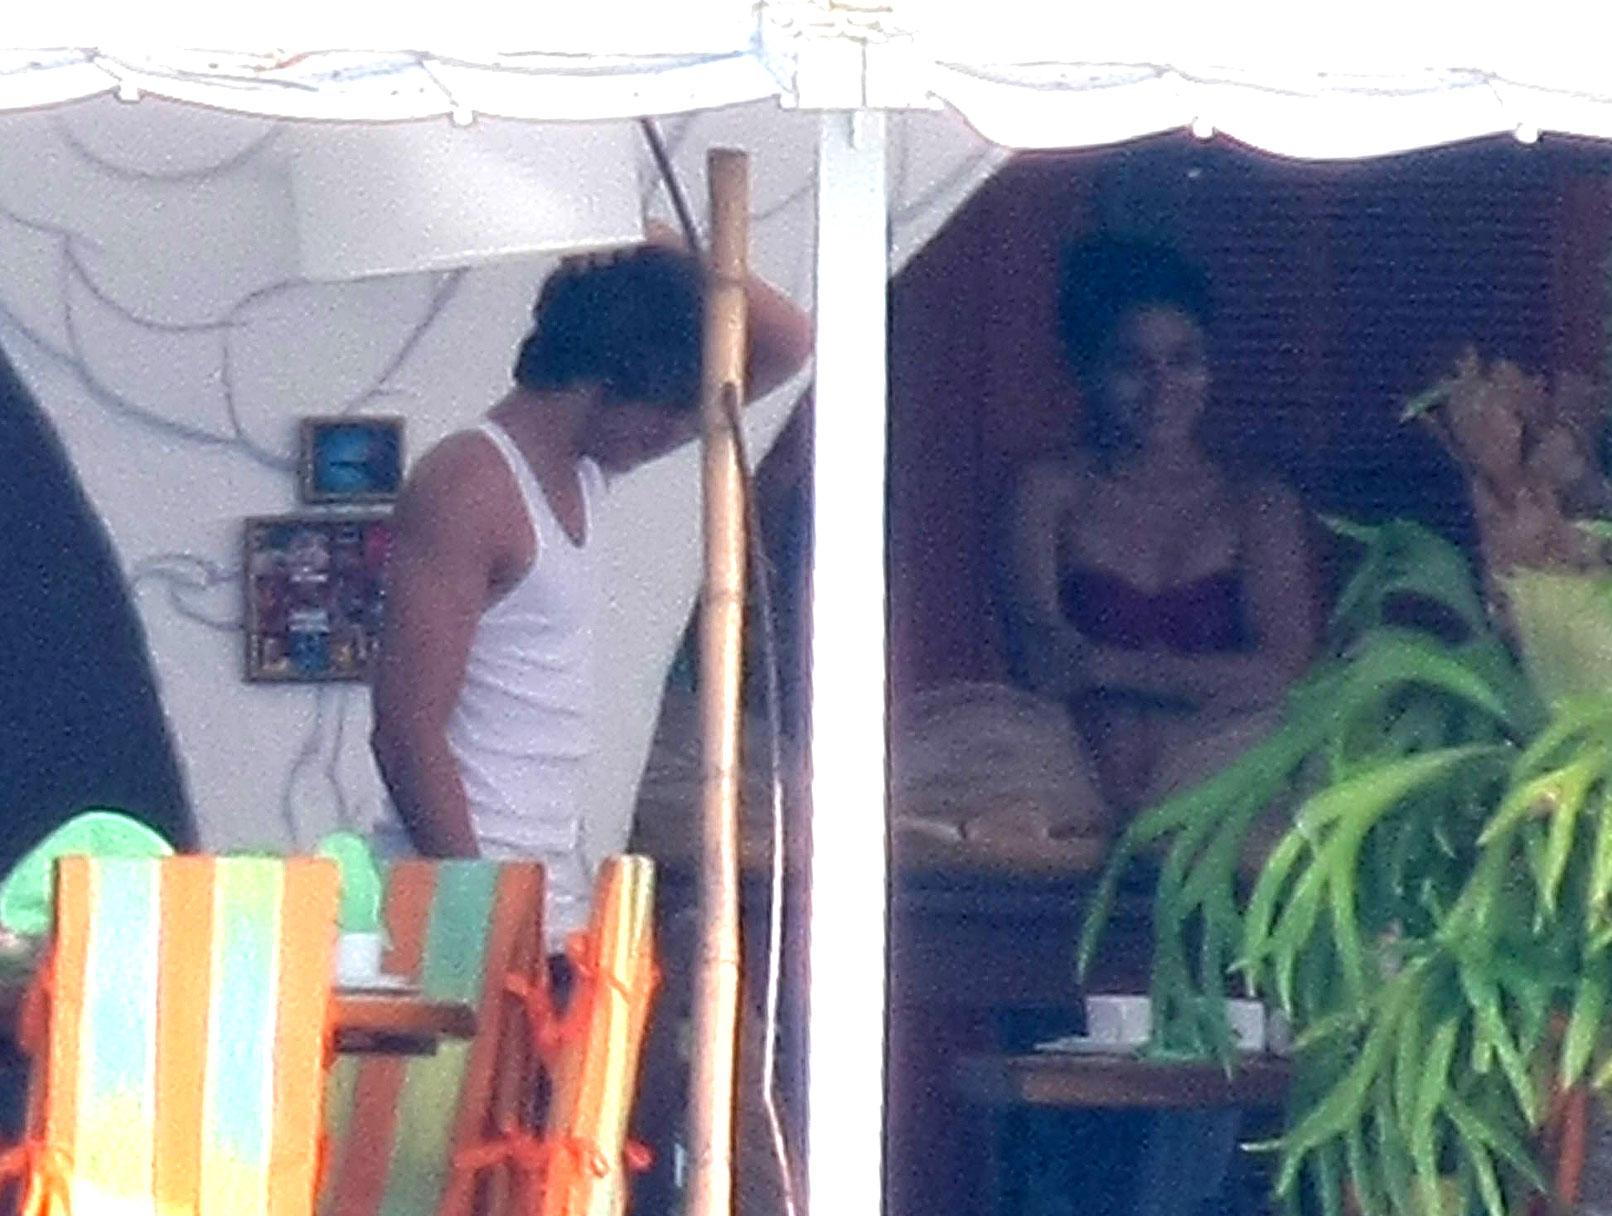 Zac Efron and Vanessa Hudgens' Secret Brazilian Getaway